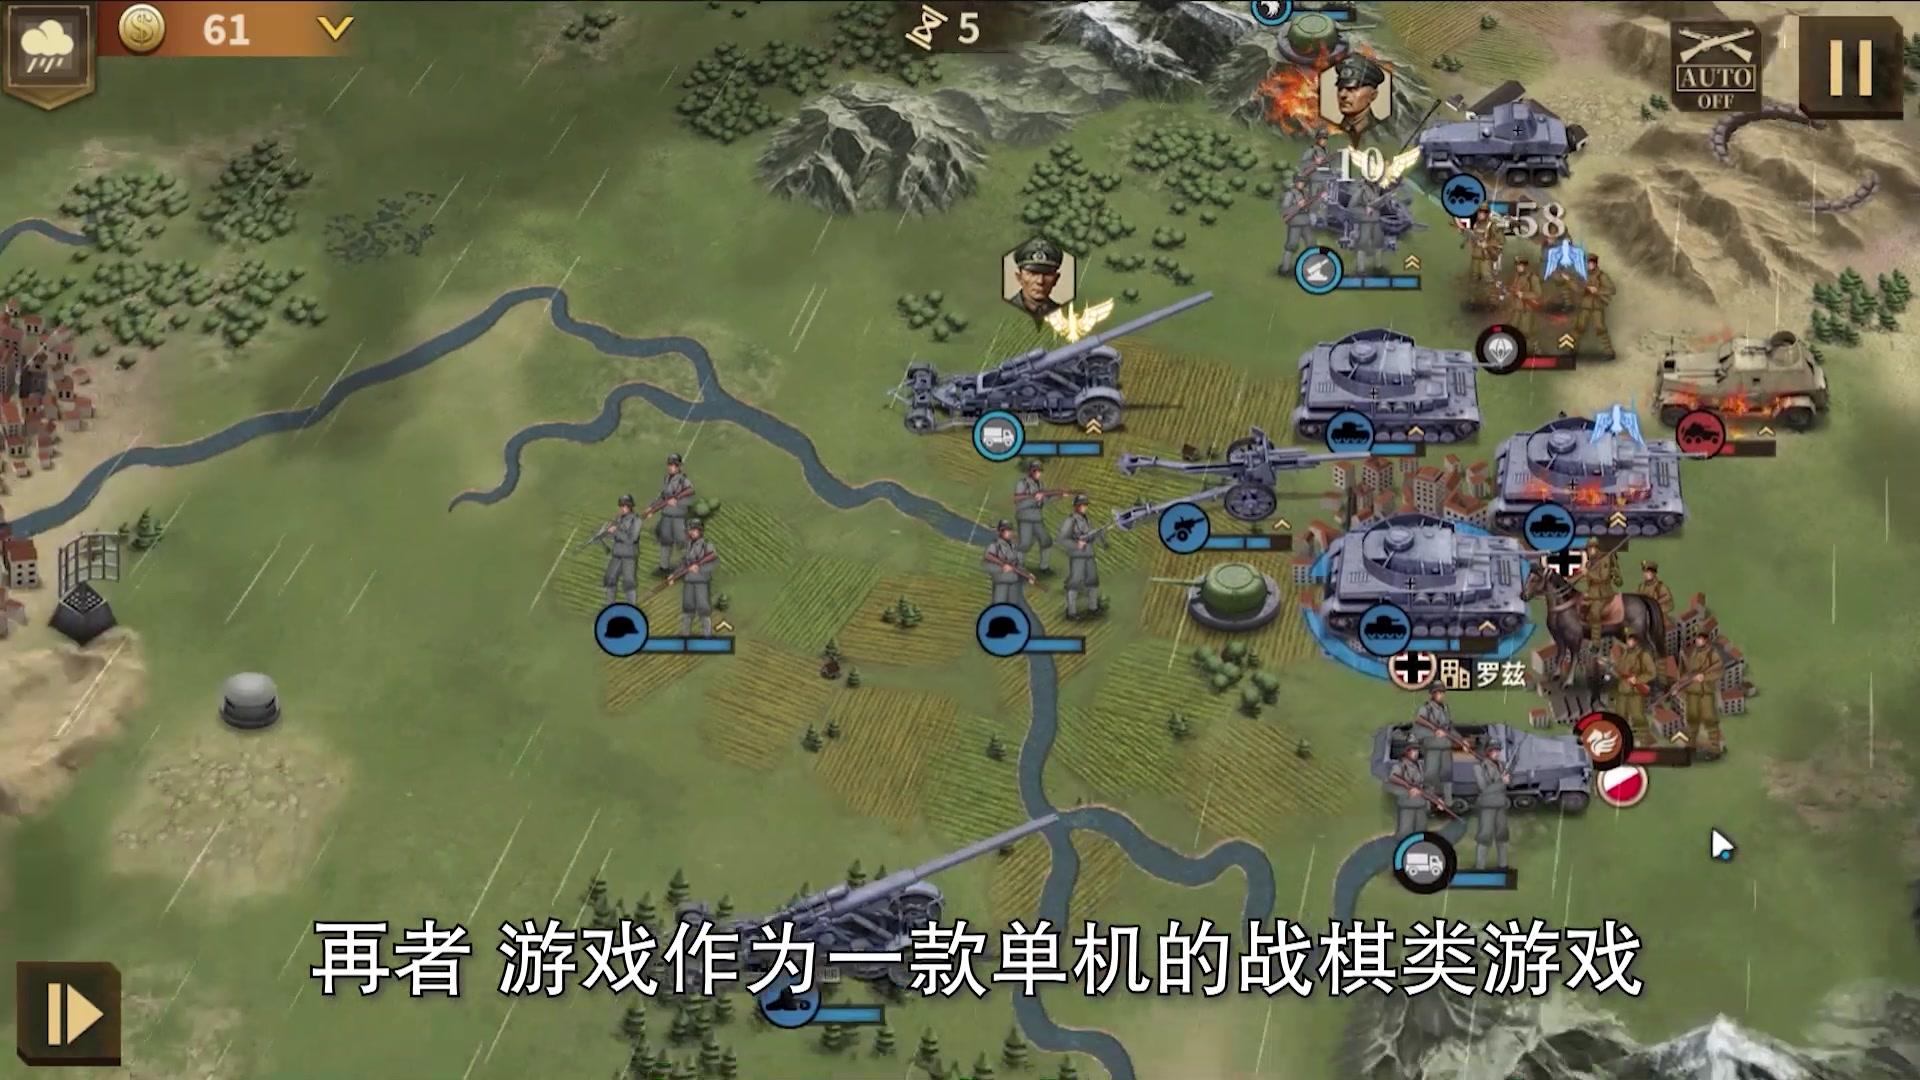 【鲜游速观】一款二战类战棋游戏《钢铁命令:将军的荣耀3》